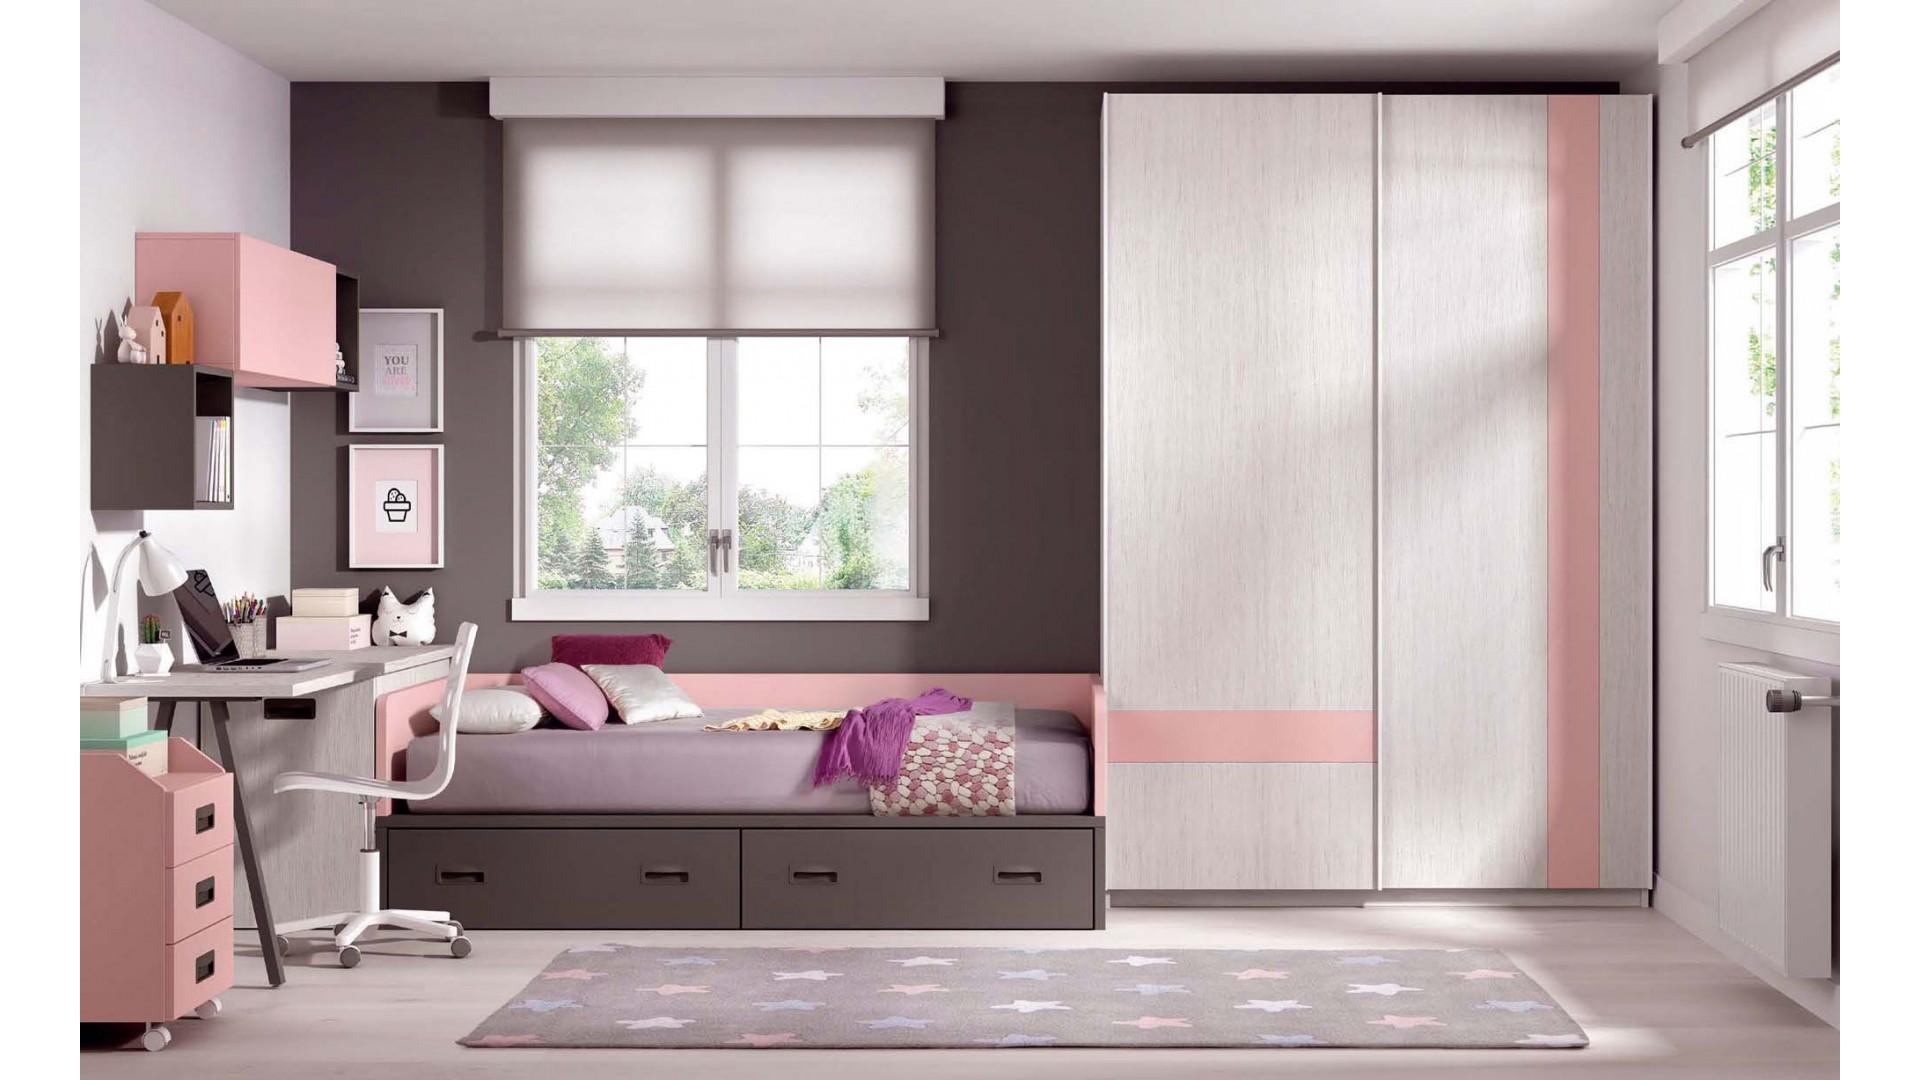 lit avec rangement integre dans chambre f109 glicerio